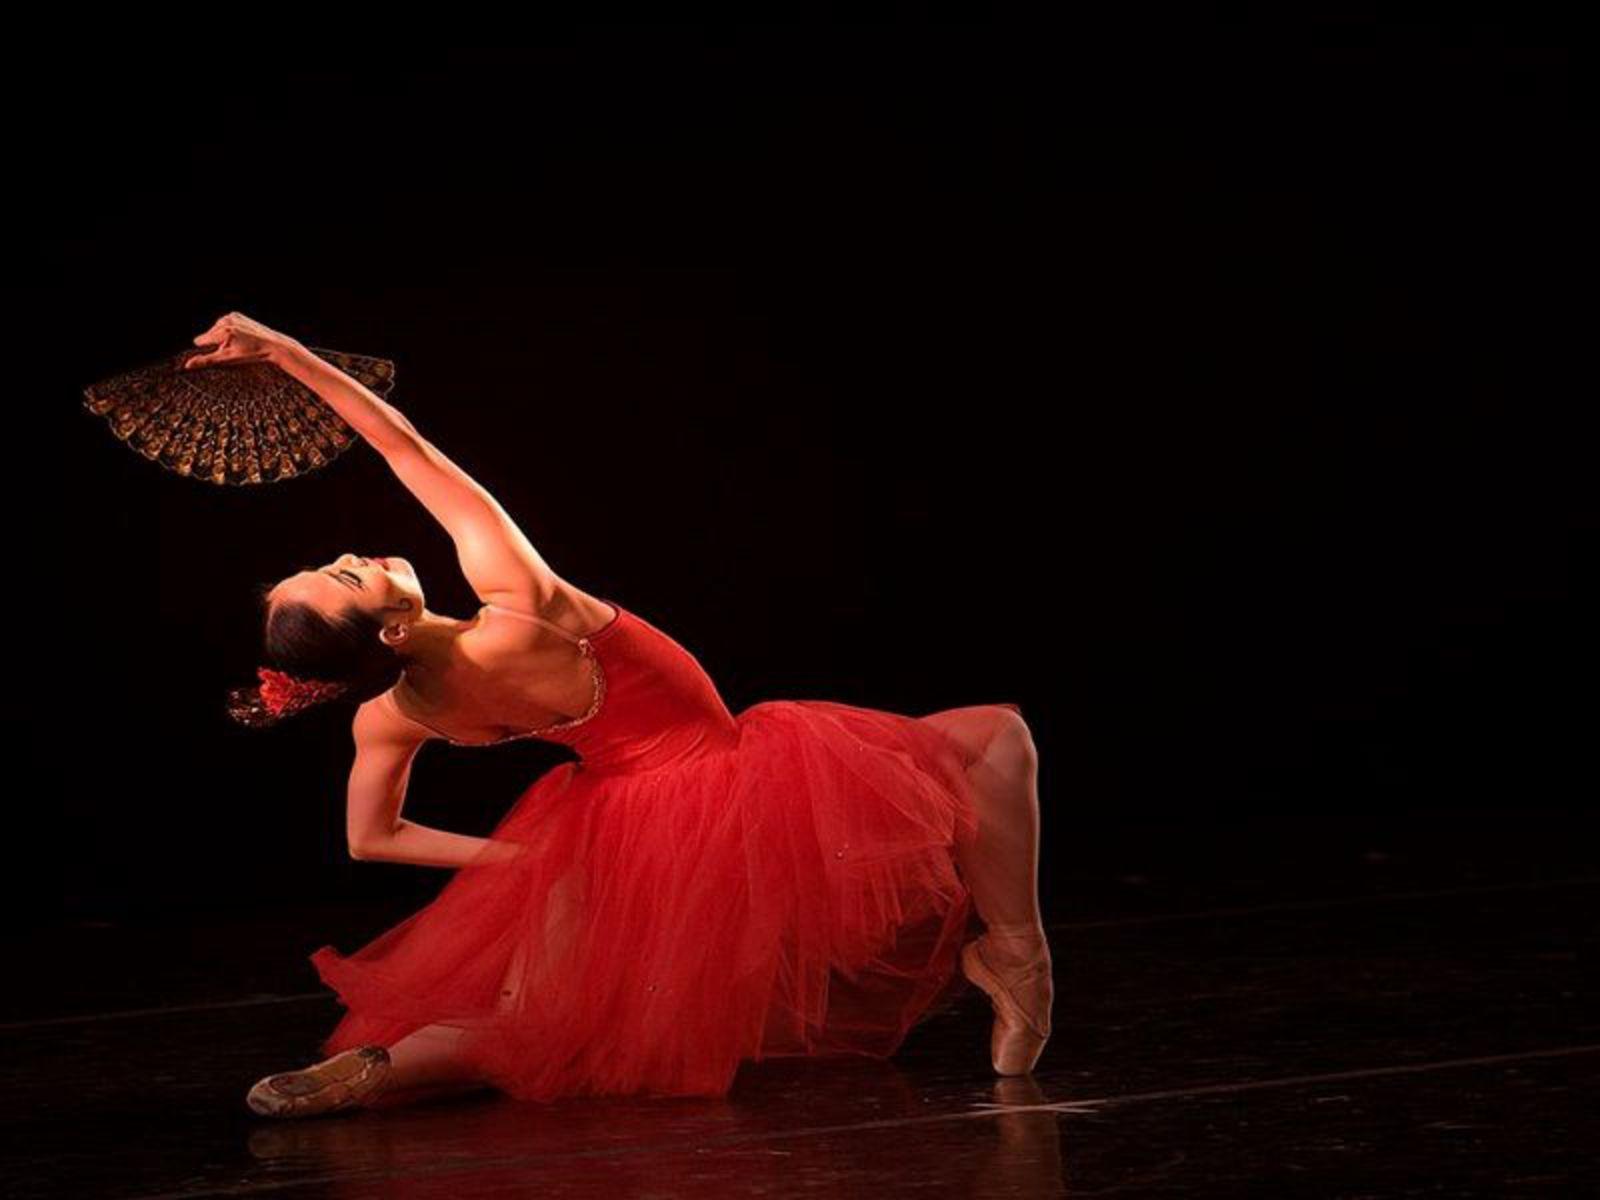 Ballet Dance Wallpapers Hd Resolution Dance Wallpaper Ballet Wallpaper Ballet Dance